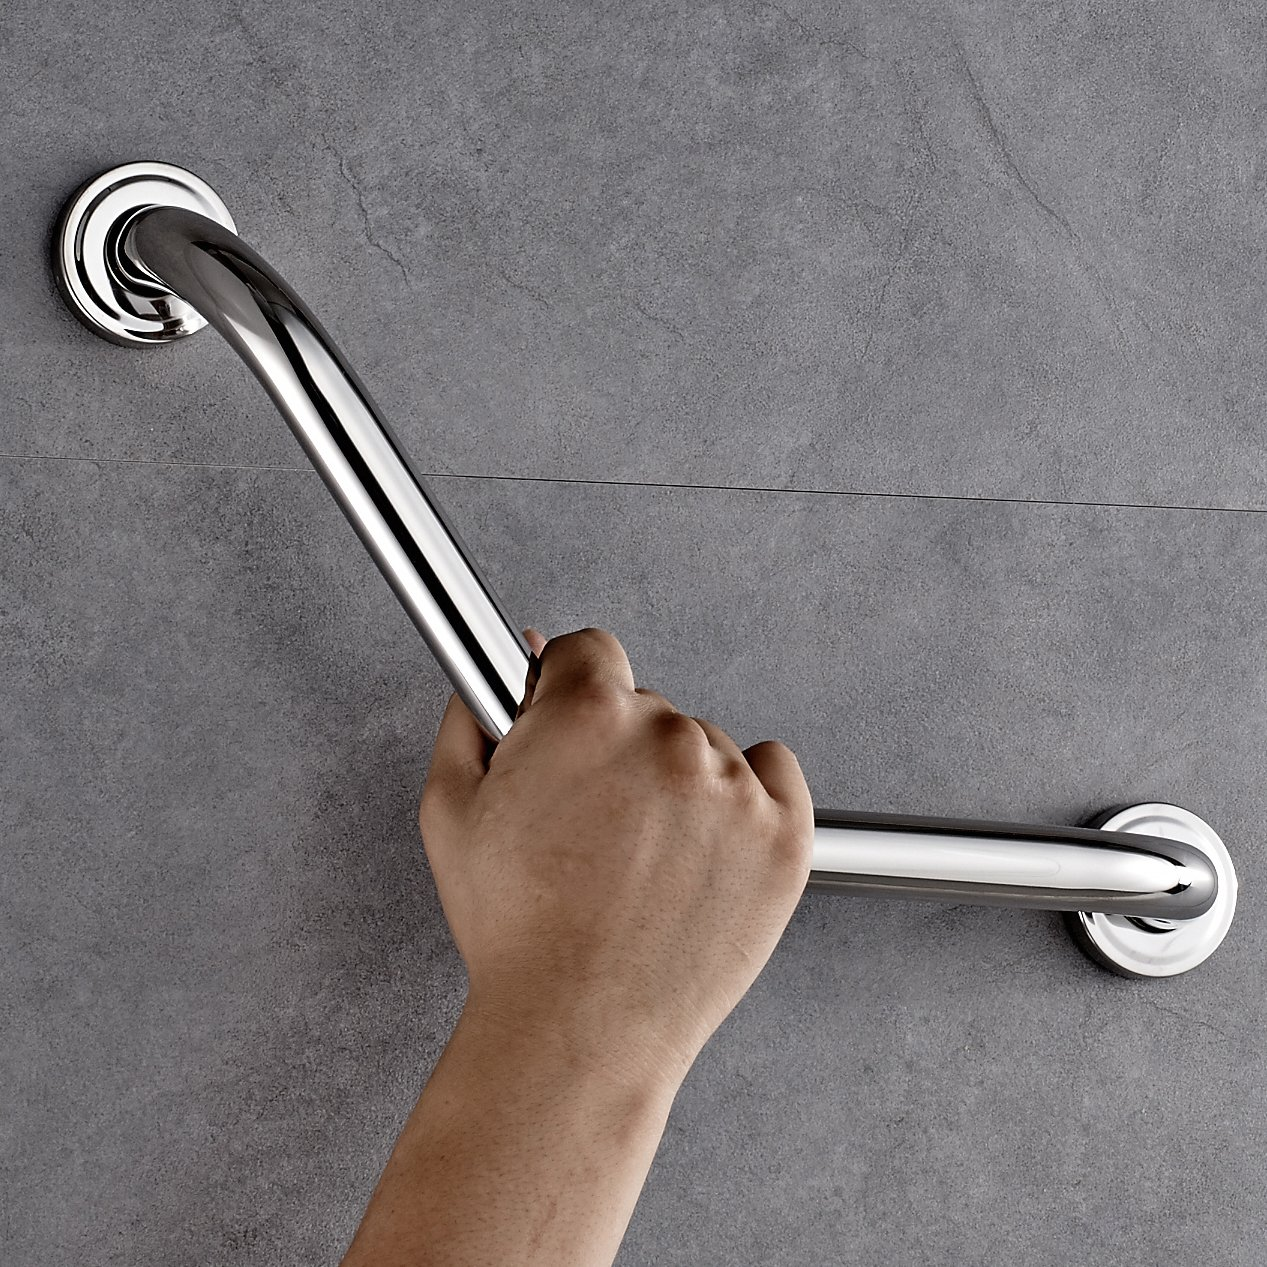 Rovate® 305 × 200 mm Acero Inoxidable Pasamanos Bañera Artículos de Baño Los Niños y Ancianos Mayores Barandilla de Seguridad Pasamanos YTM